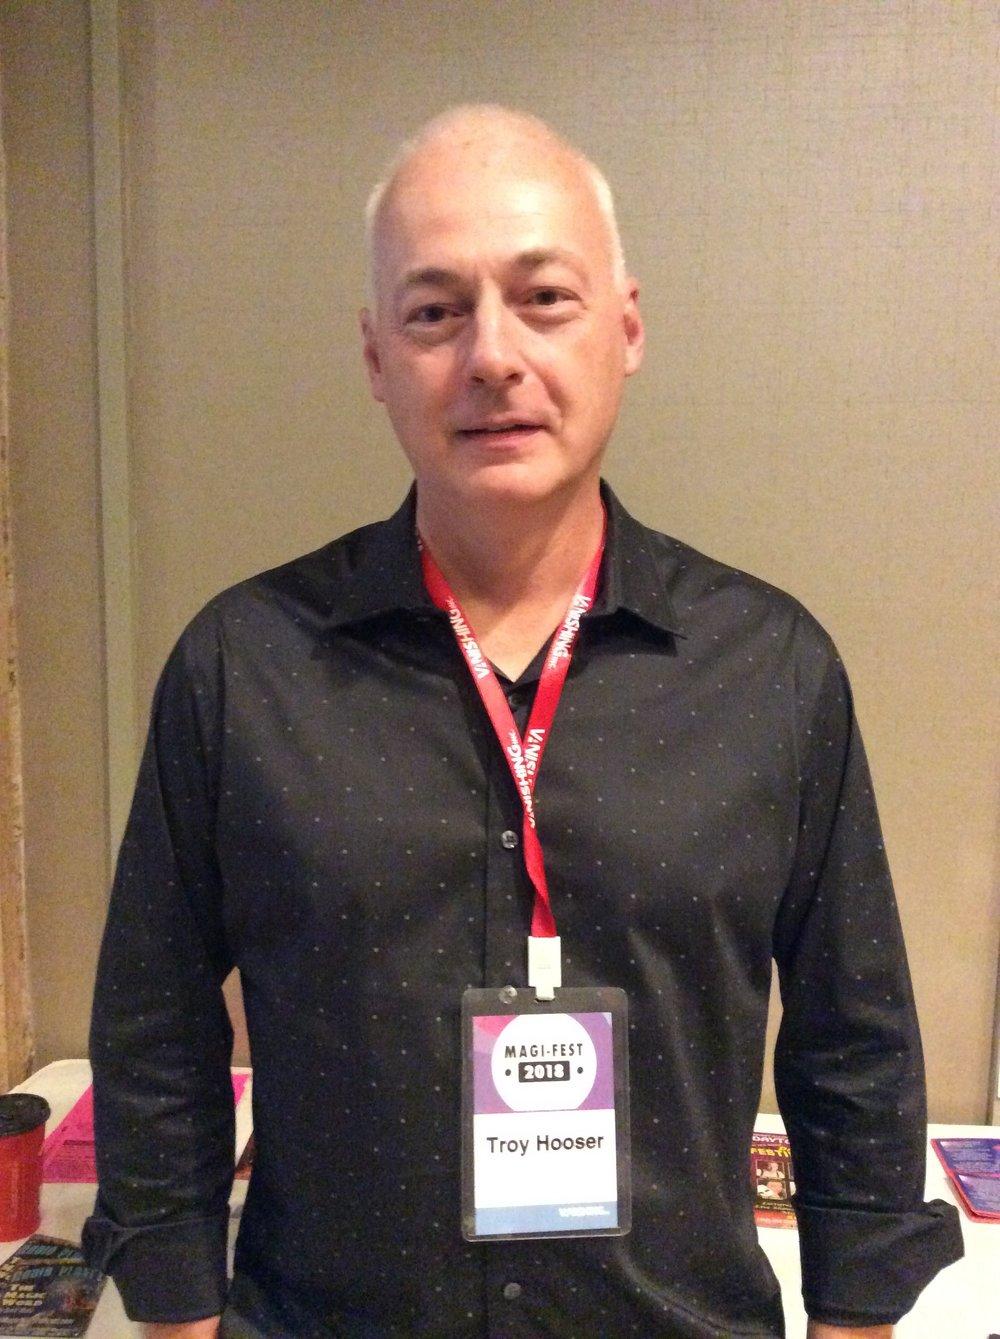 Troy Hooser